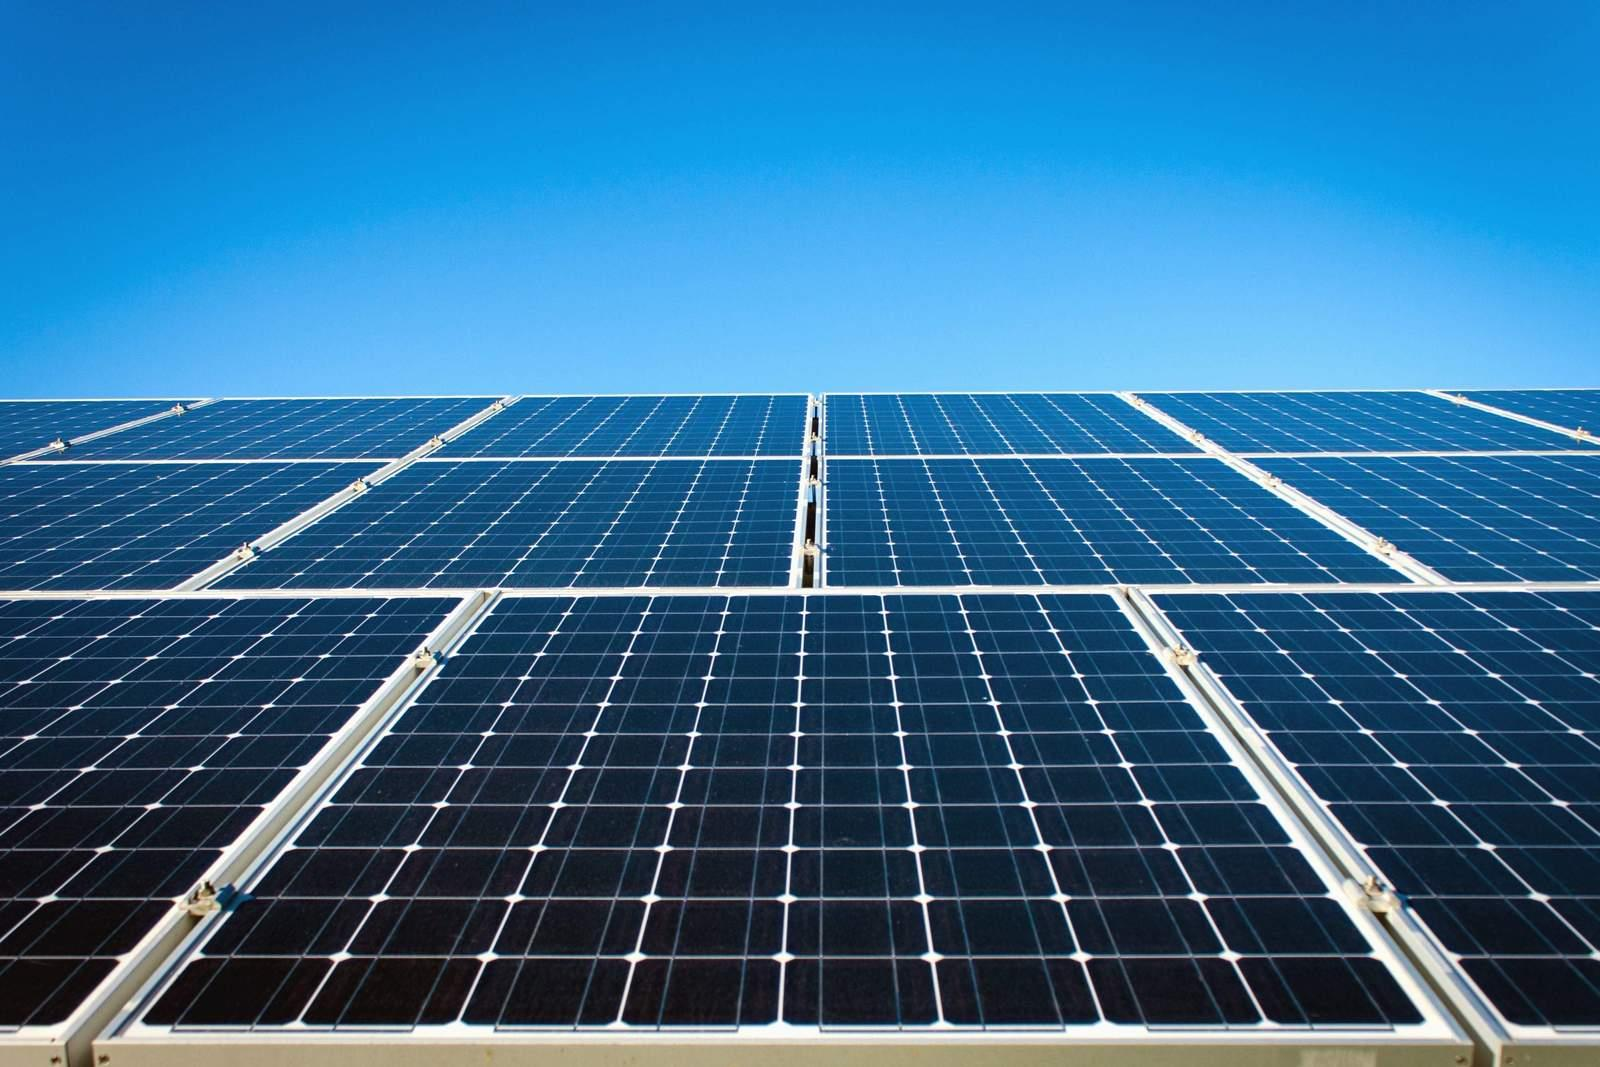 2020年全球新增太阳能装机容量预测下调至105GW